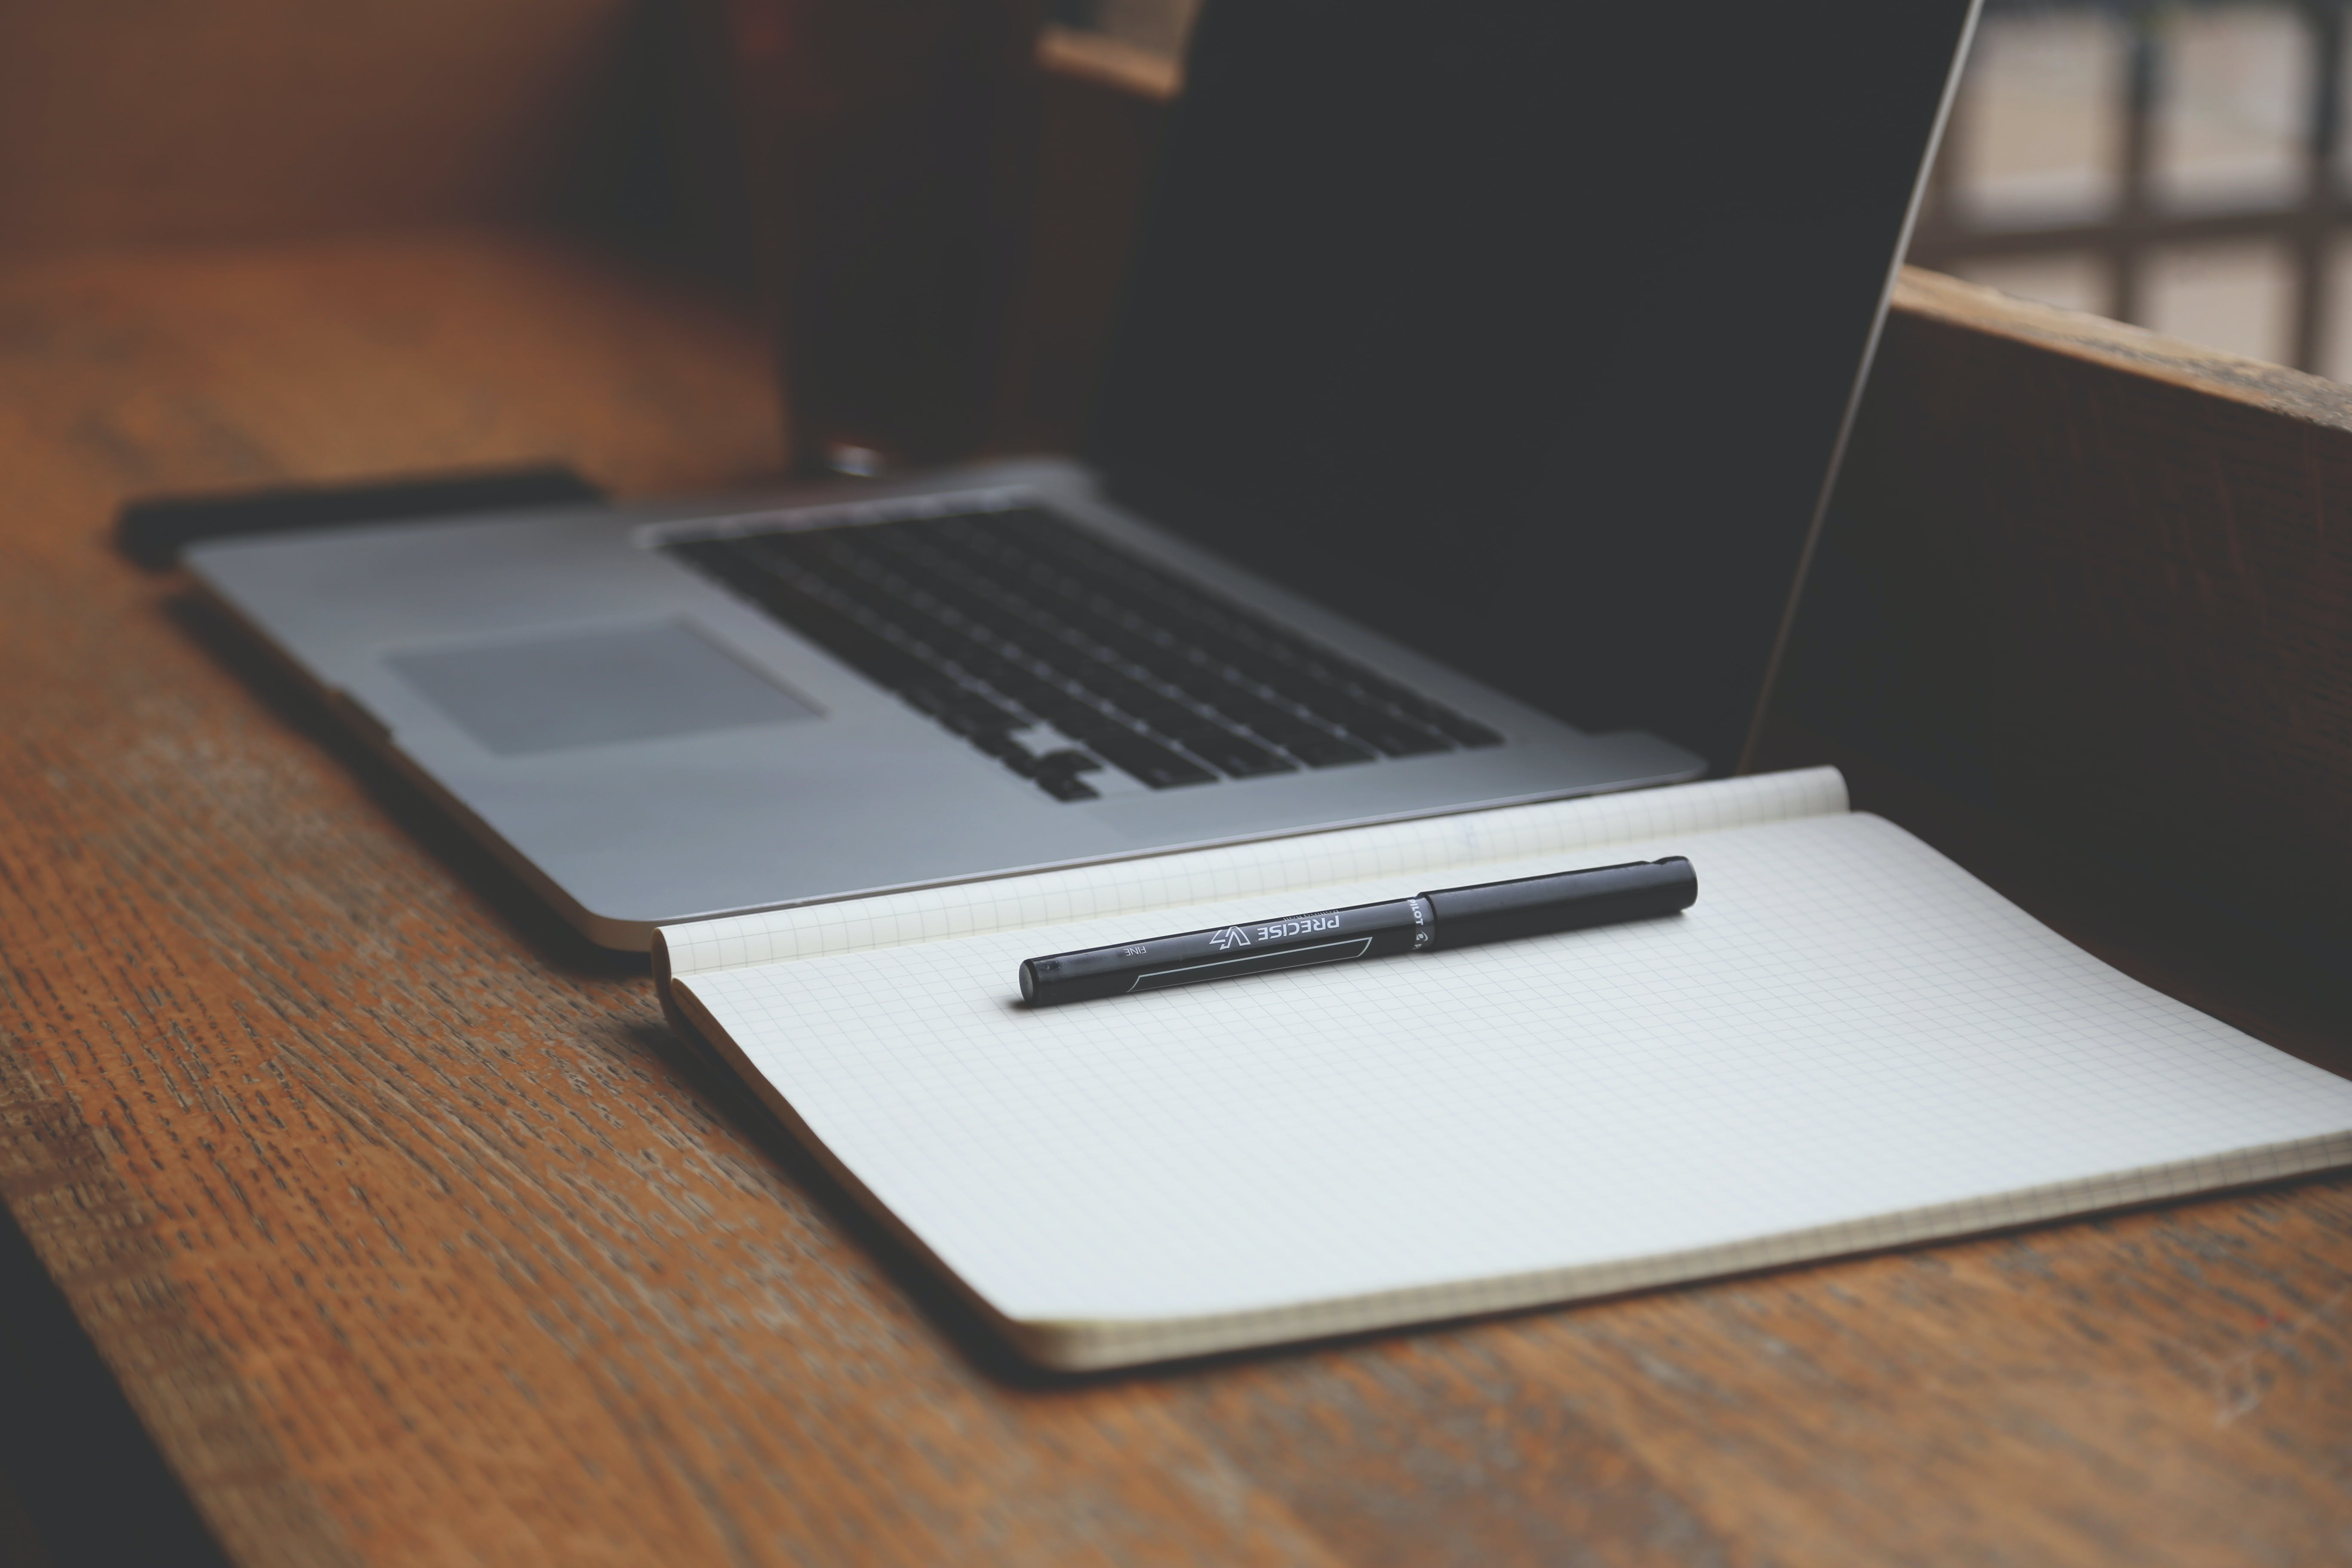 Macbook Pro Beside Book and Pen